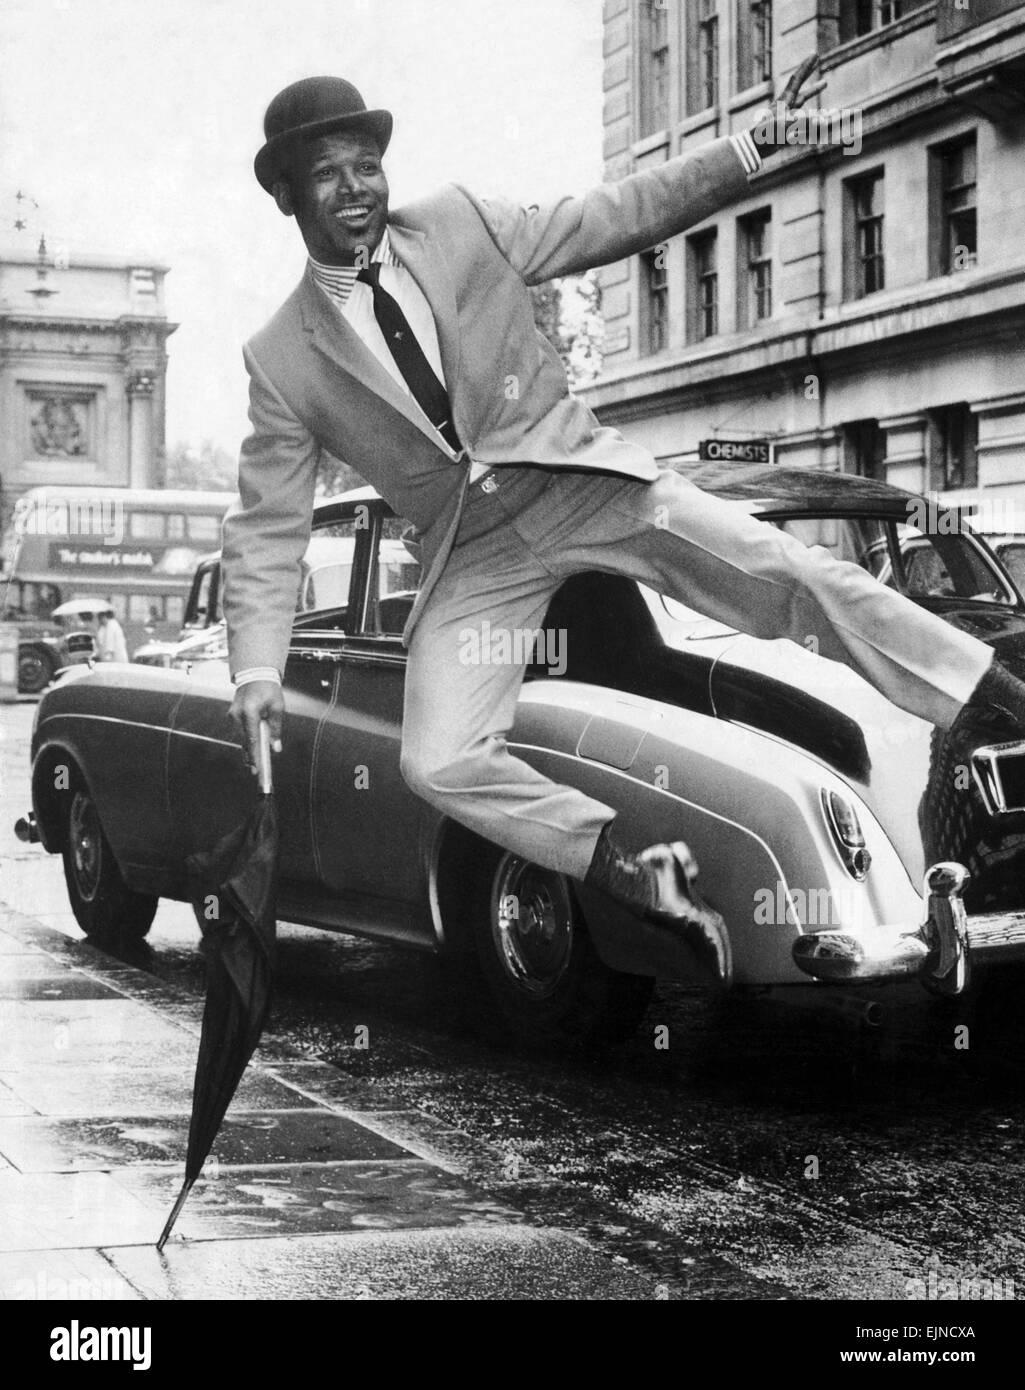 Boxeur Sugar Ray Robinson fait une impression de Sammy Davis Junior ville vêtu d'un chapeau melon et parapluie, Photo Stock